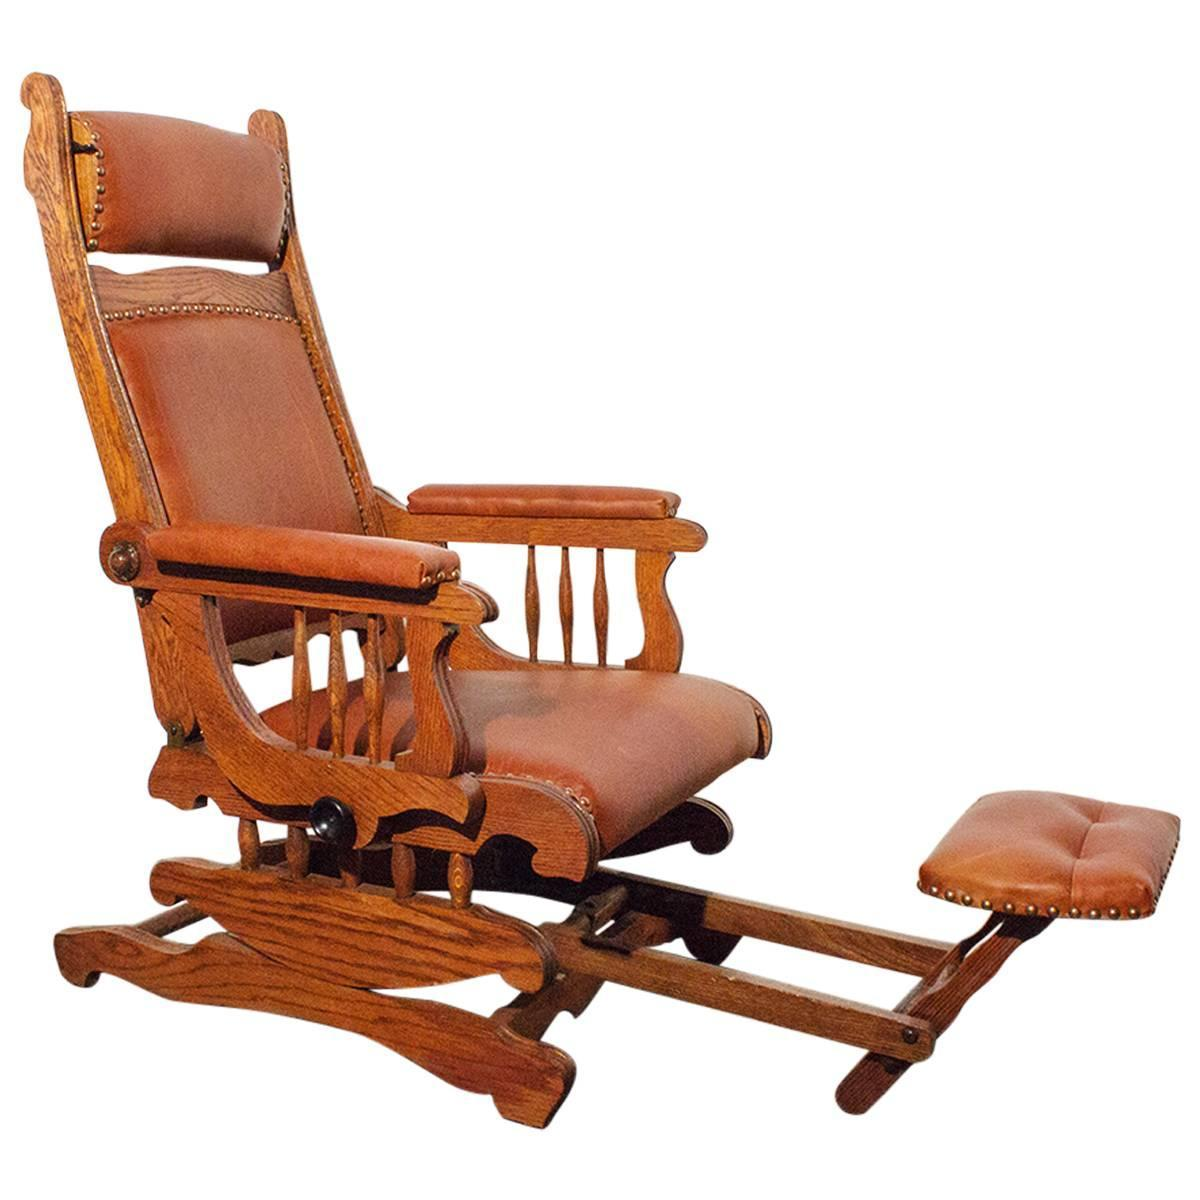 Sensational Victorian Platform Rocker With Foot Rest Circa 1890 At 1Stdibs Beatyapartments Chair Design Images Beatyapartmentscom